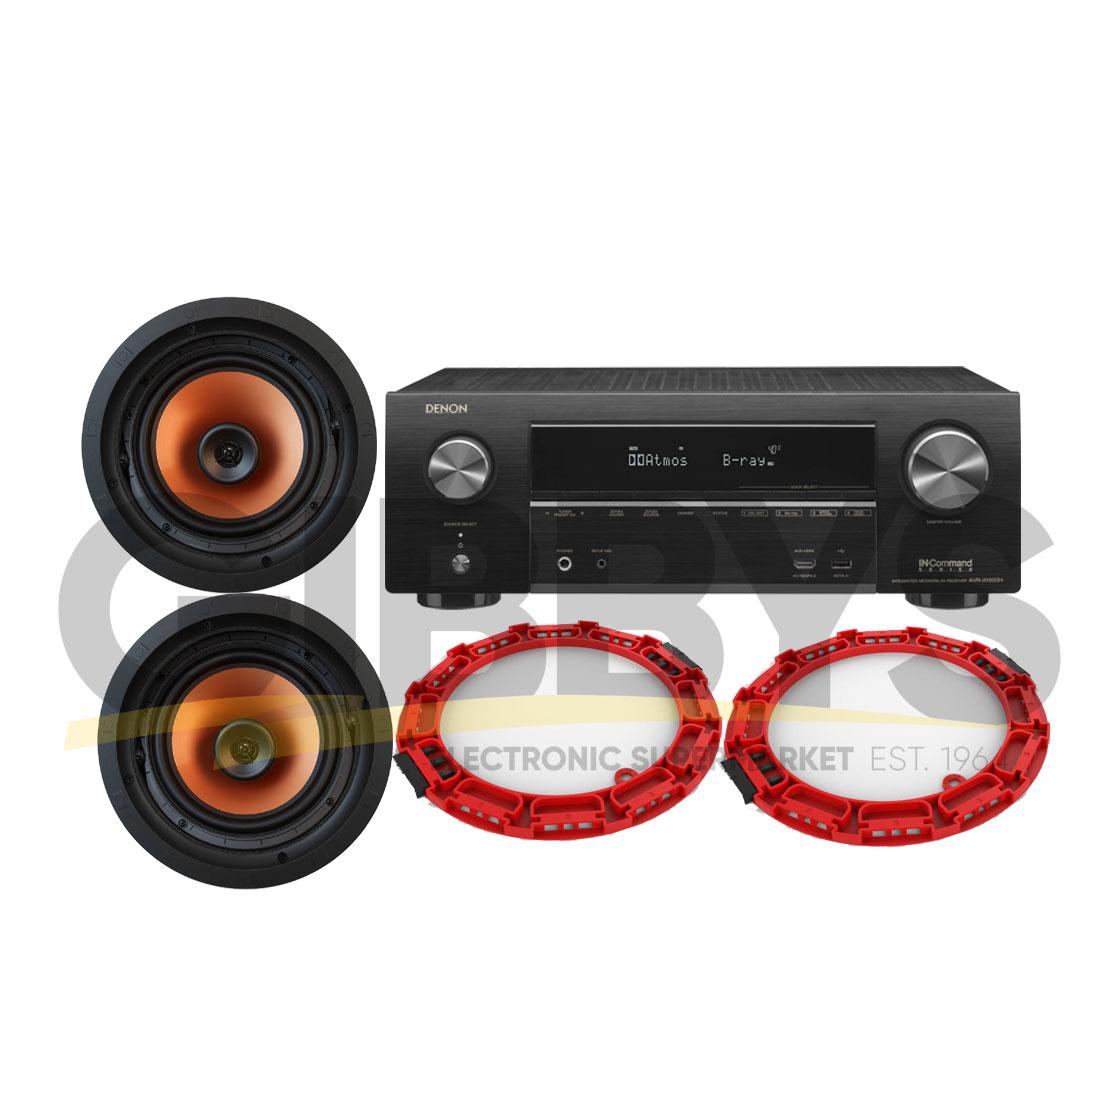 Denon AVR-X3500H 7 2 Receiver | (2) Klipsch CDT-5650-CII 6 5″ In-ceiling  Speakers with Installation Bracket Bundle